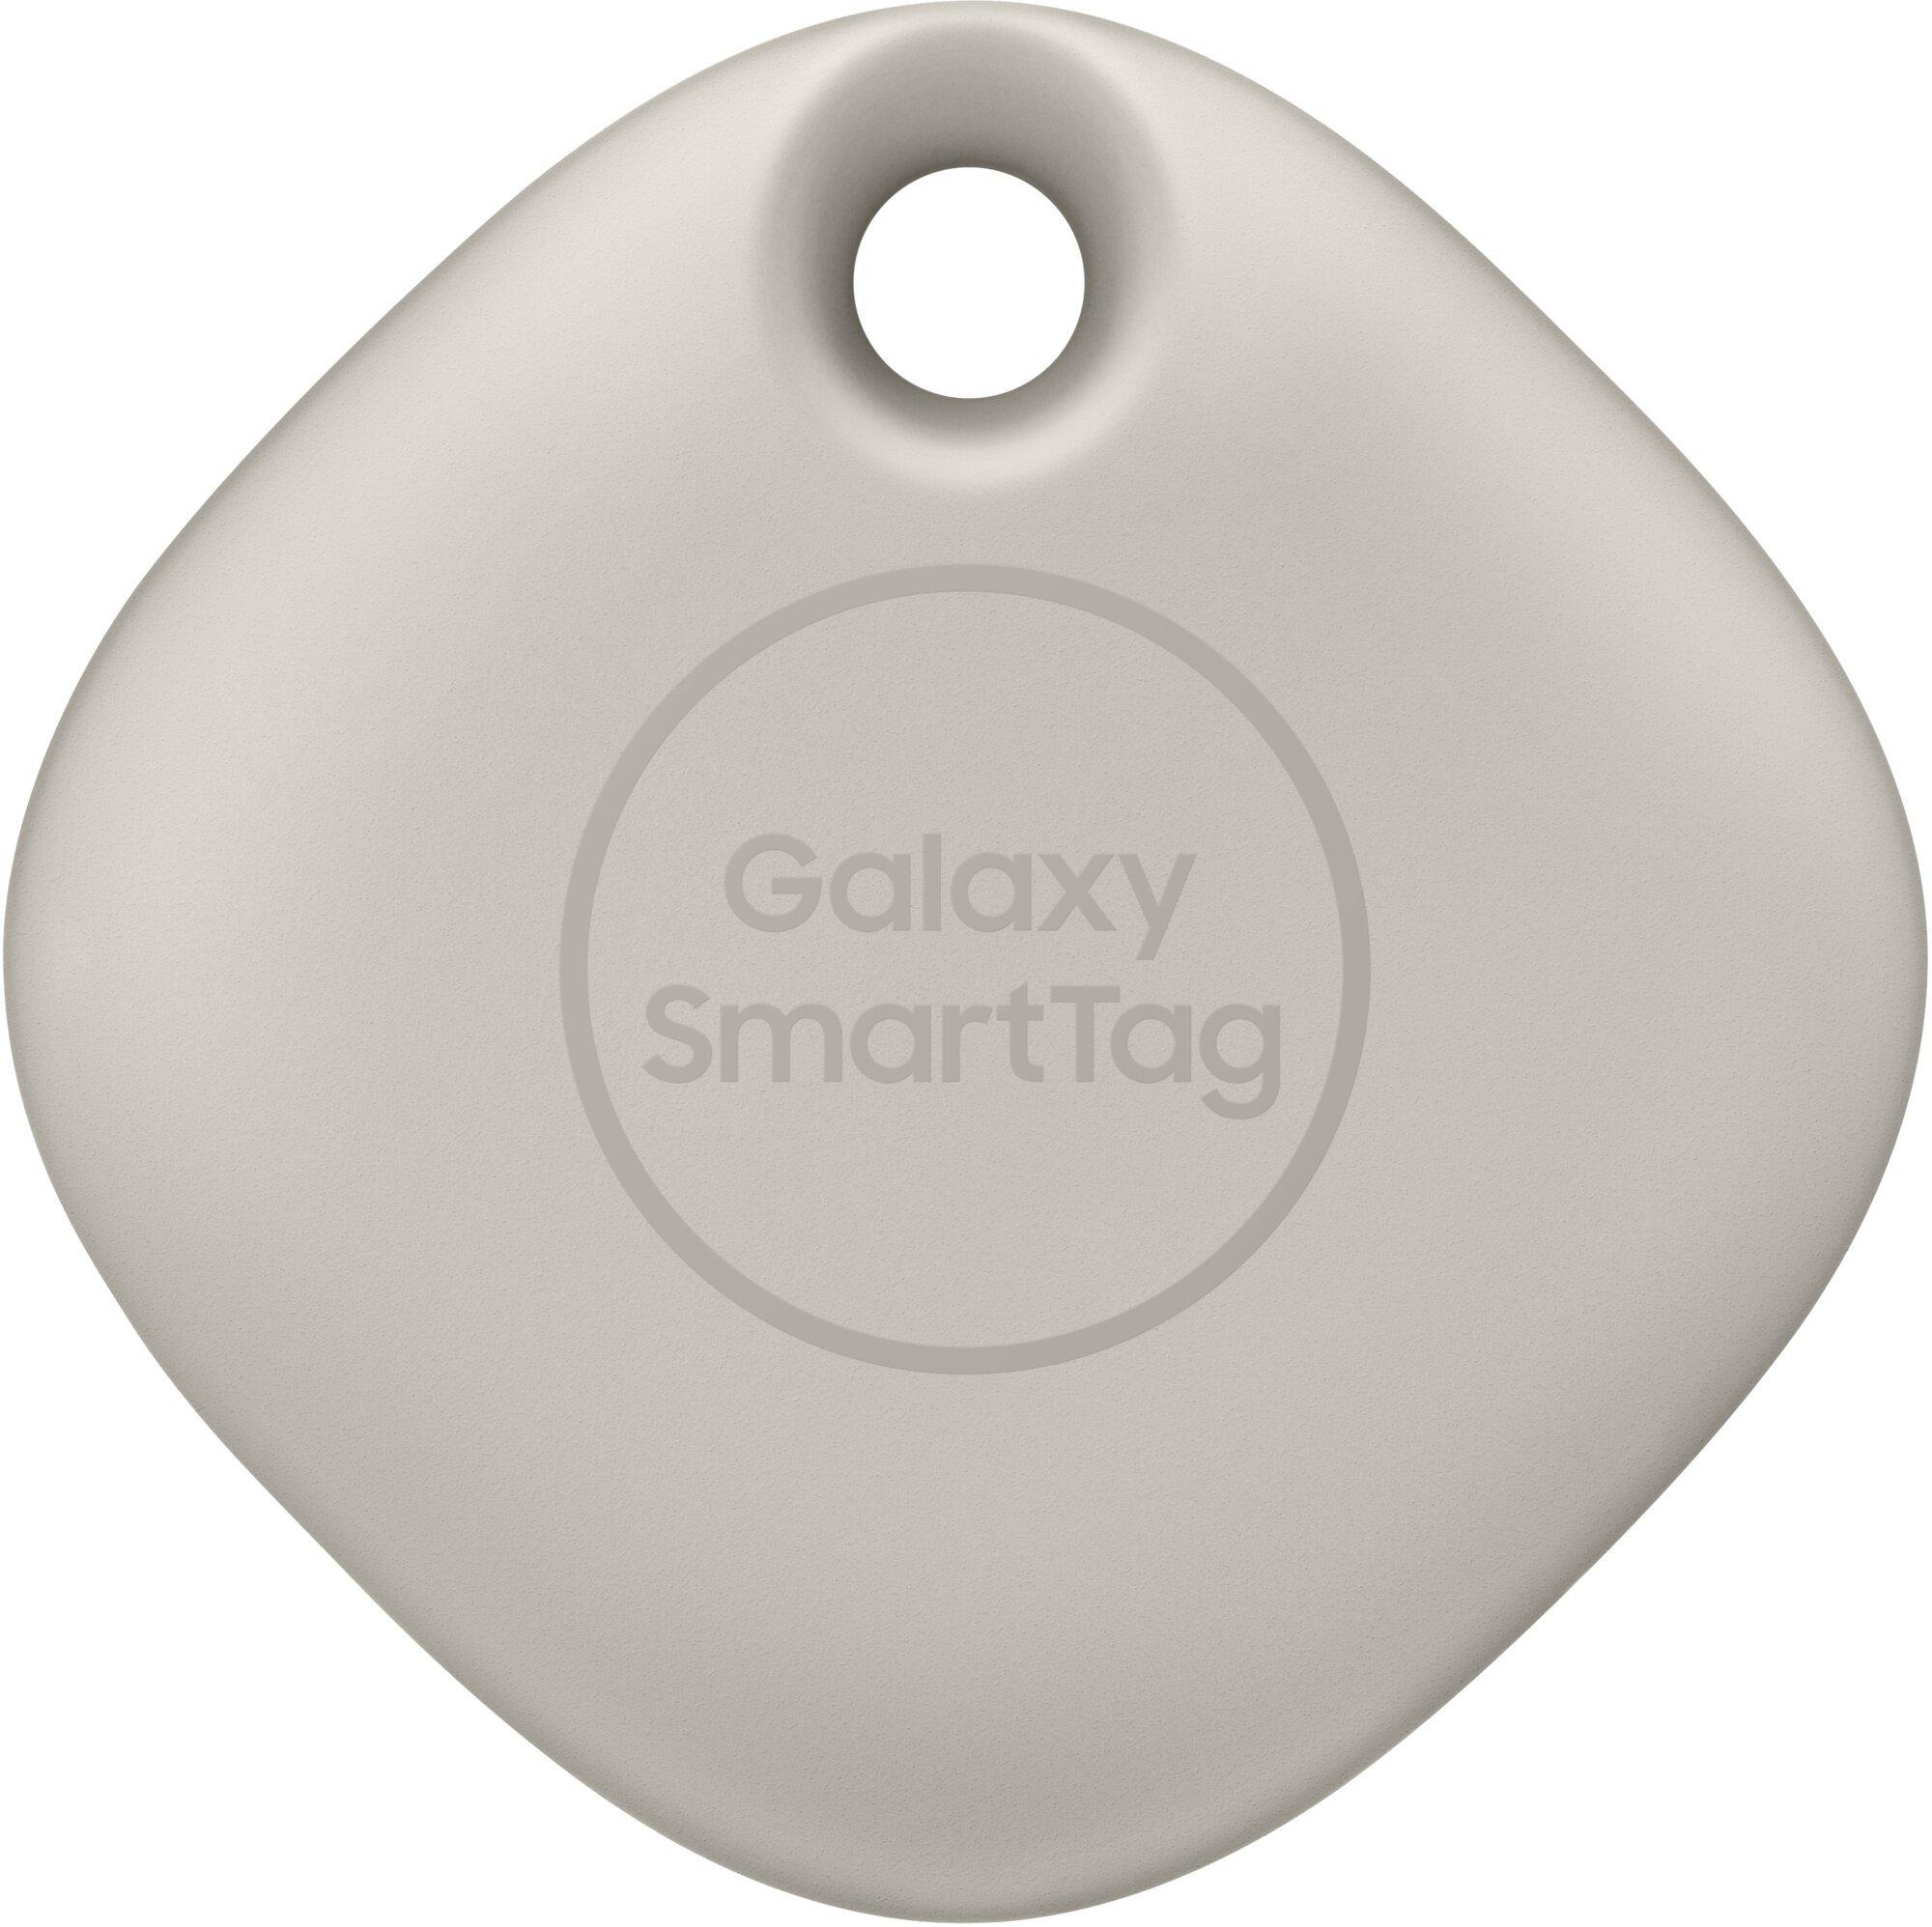 Samsung Chytrý přívěsek Galaxy SmartTag Oatmeal